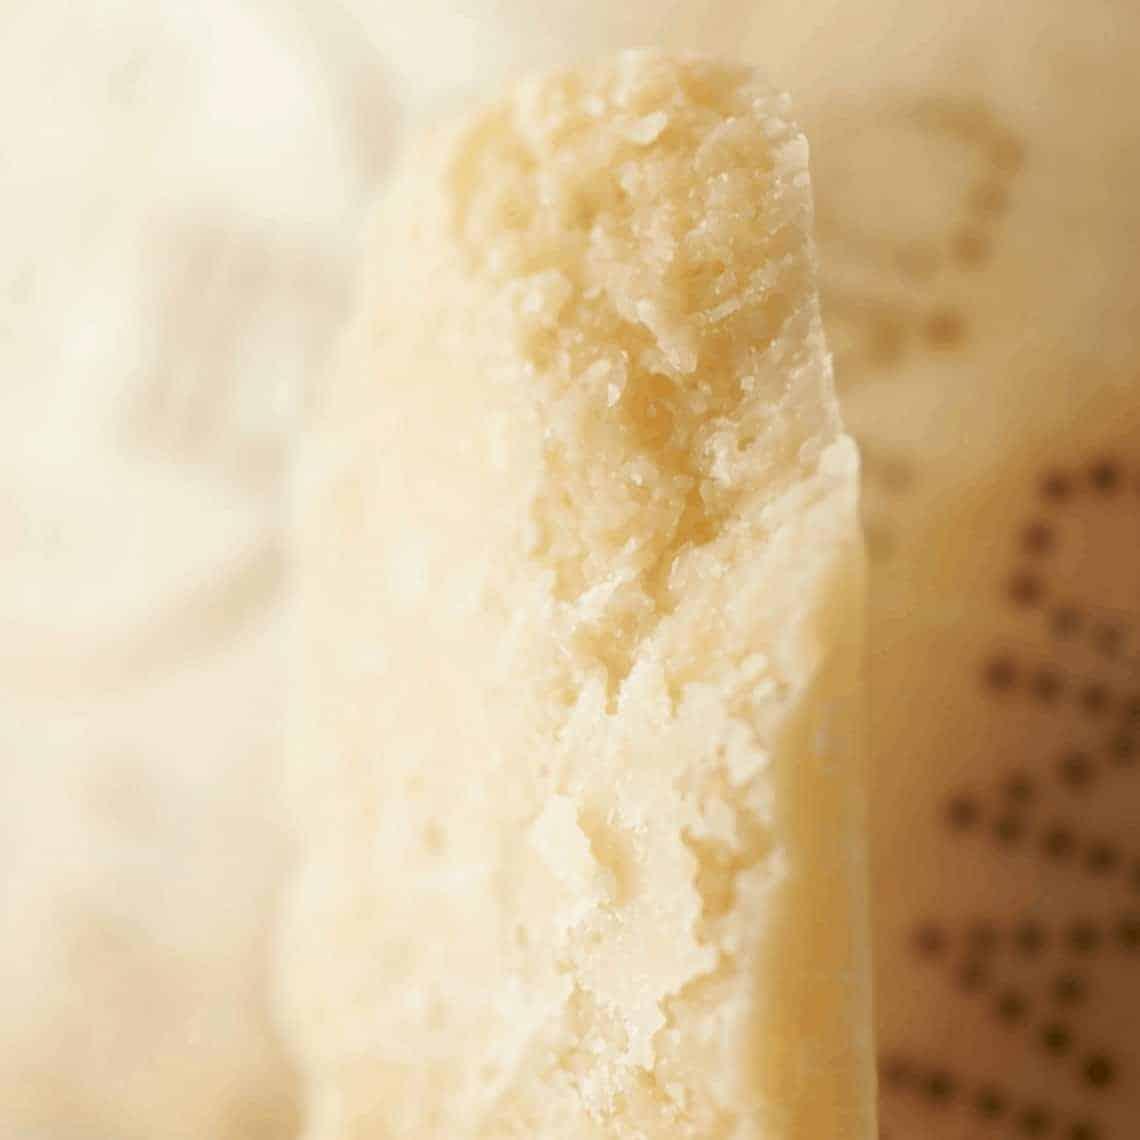 G. Cravero Parmigiano Reggiano close-up